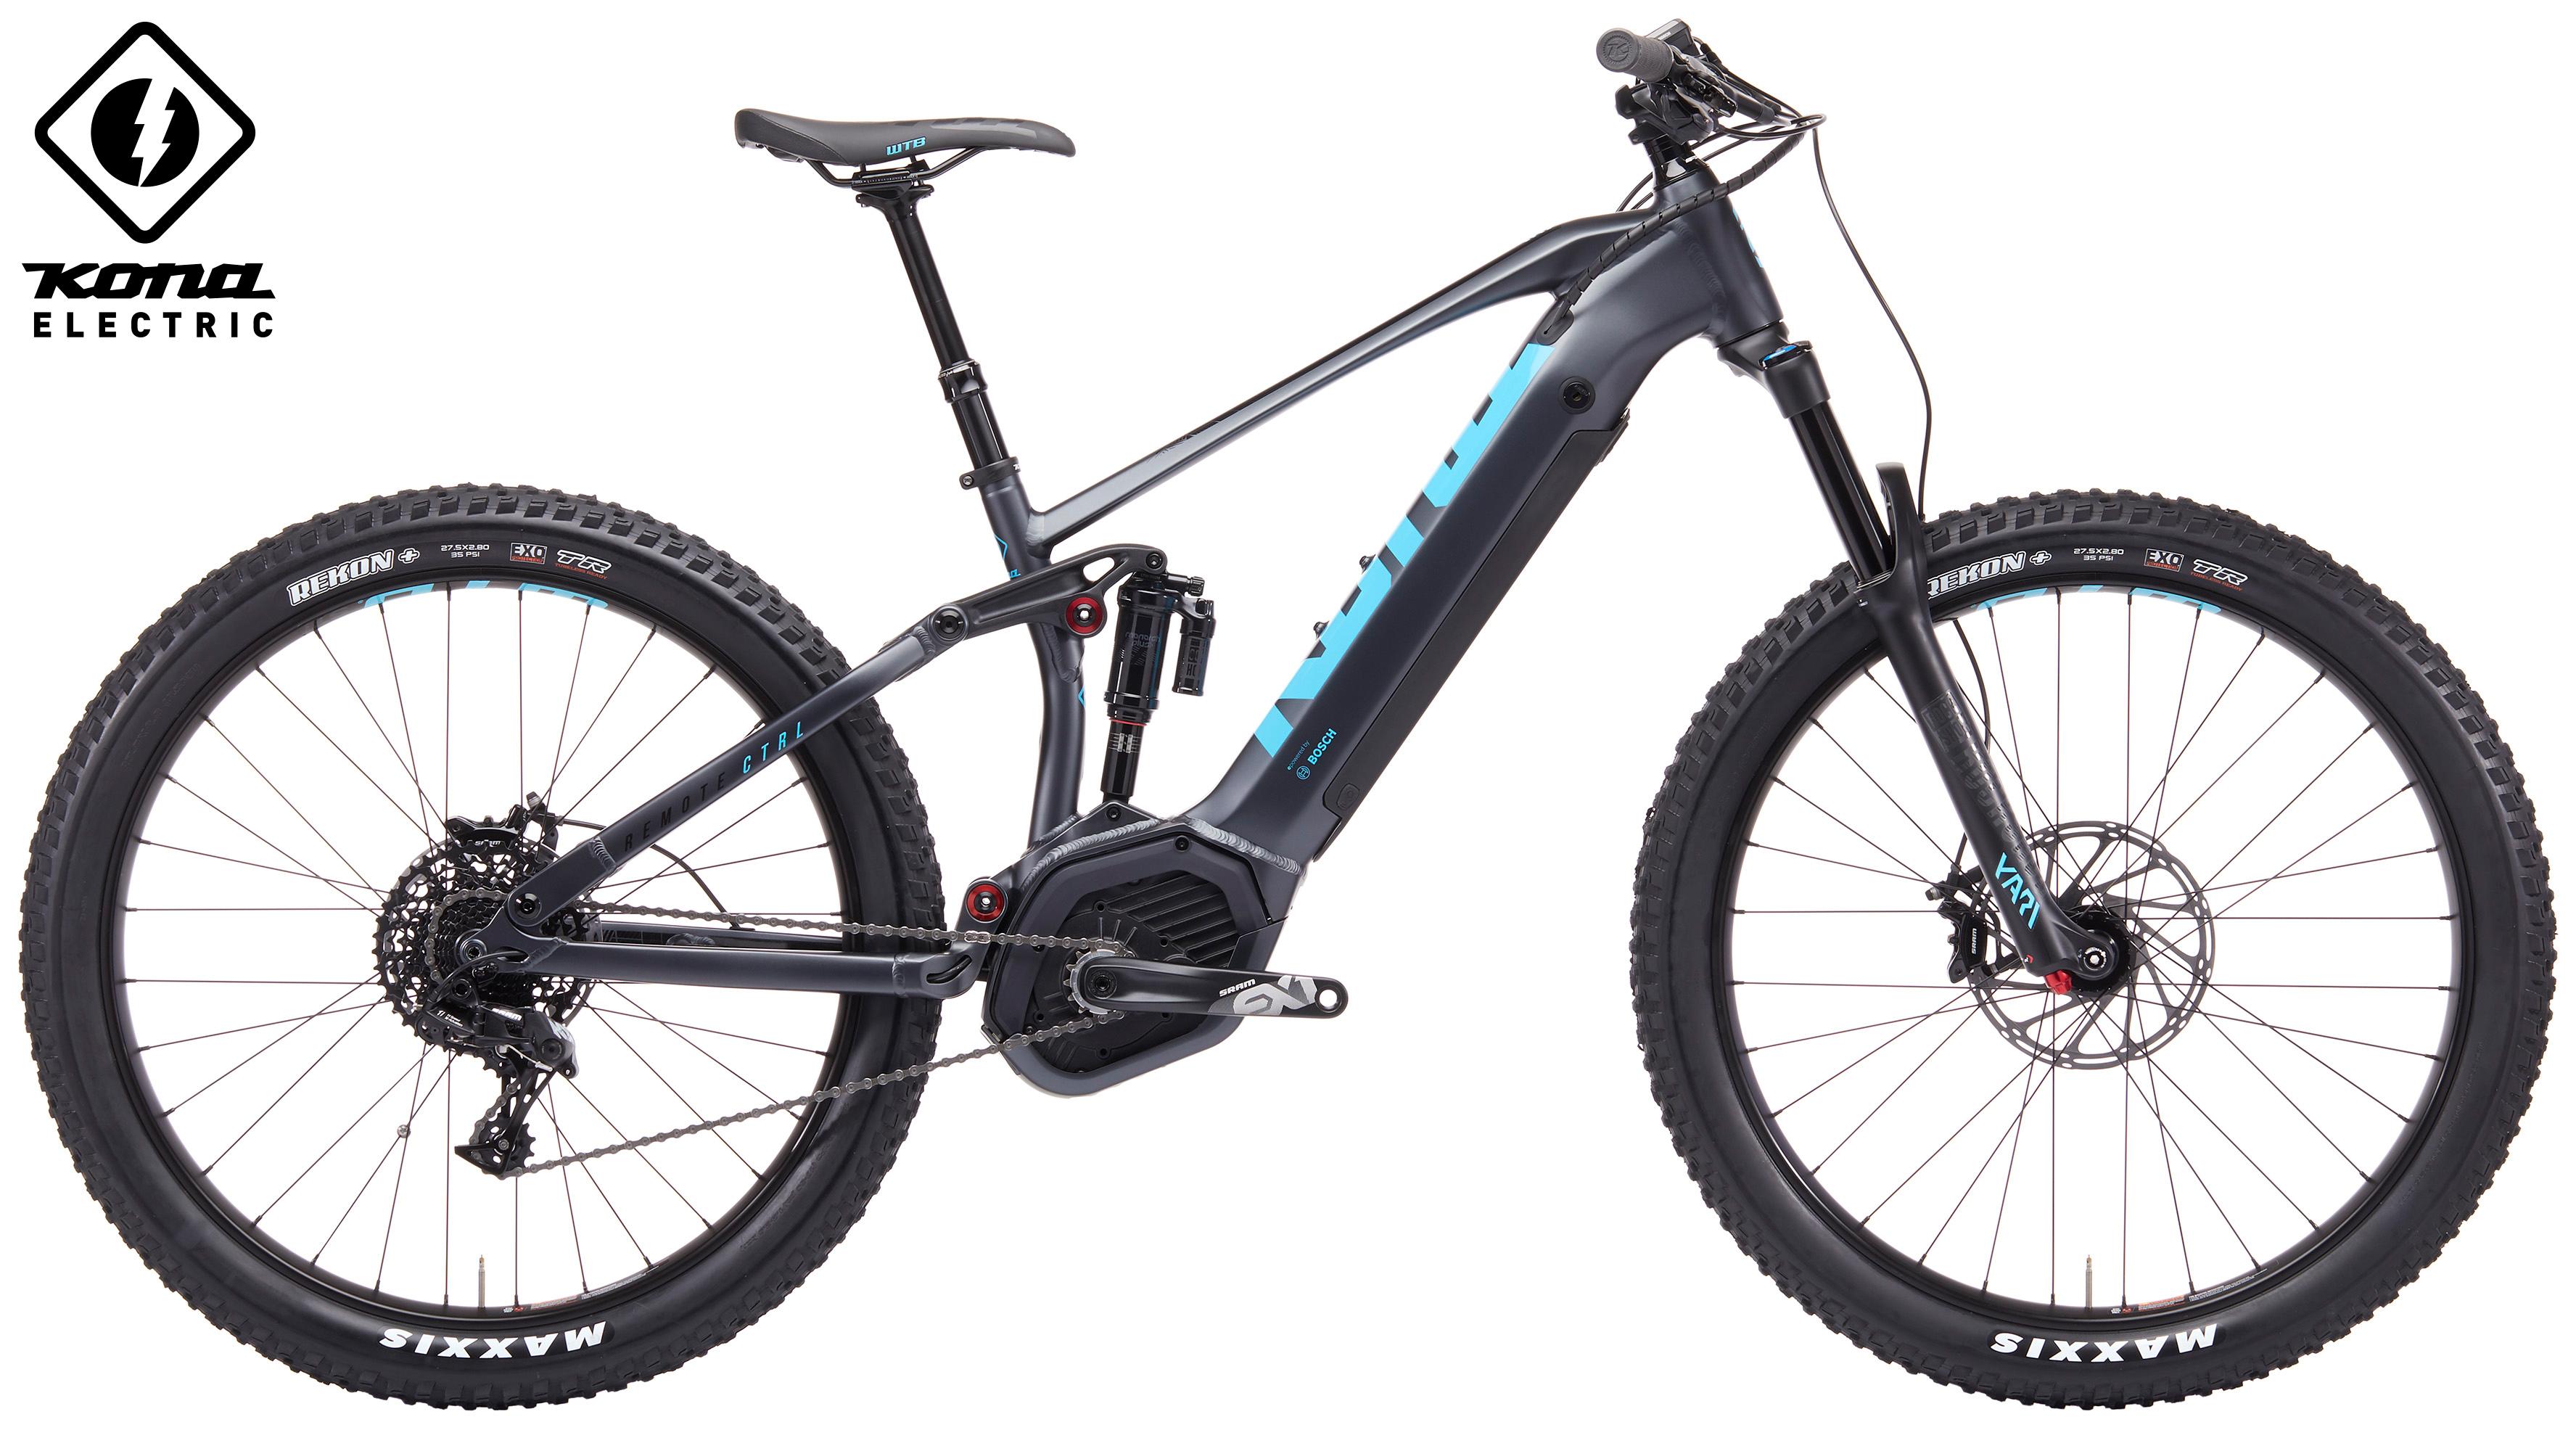 Kona Bikes Mtb Kona Electric Remote Ctrl